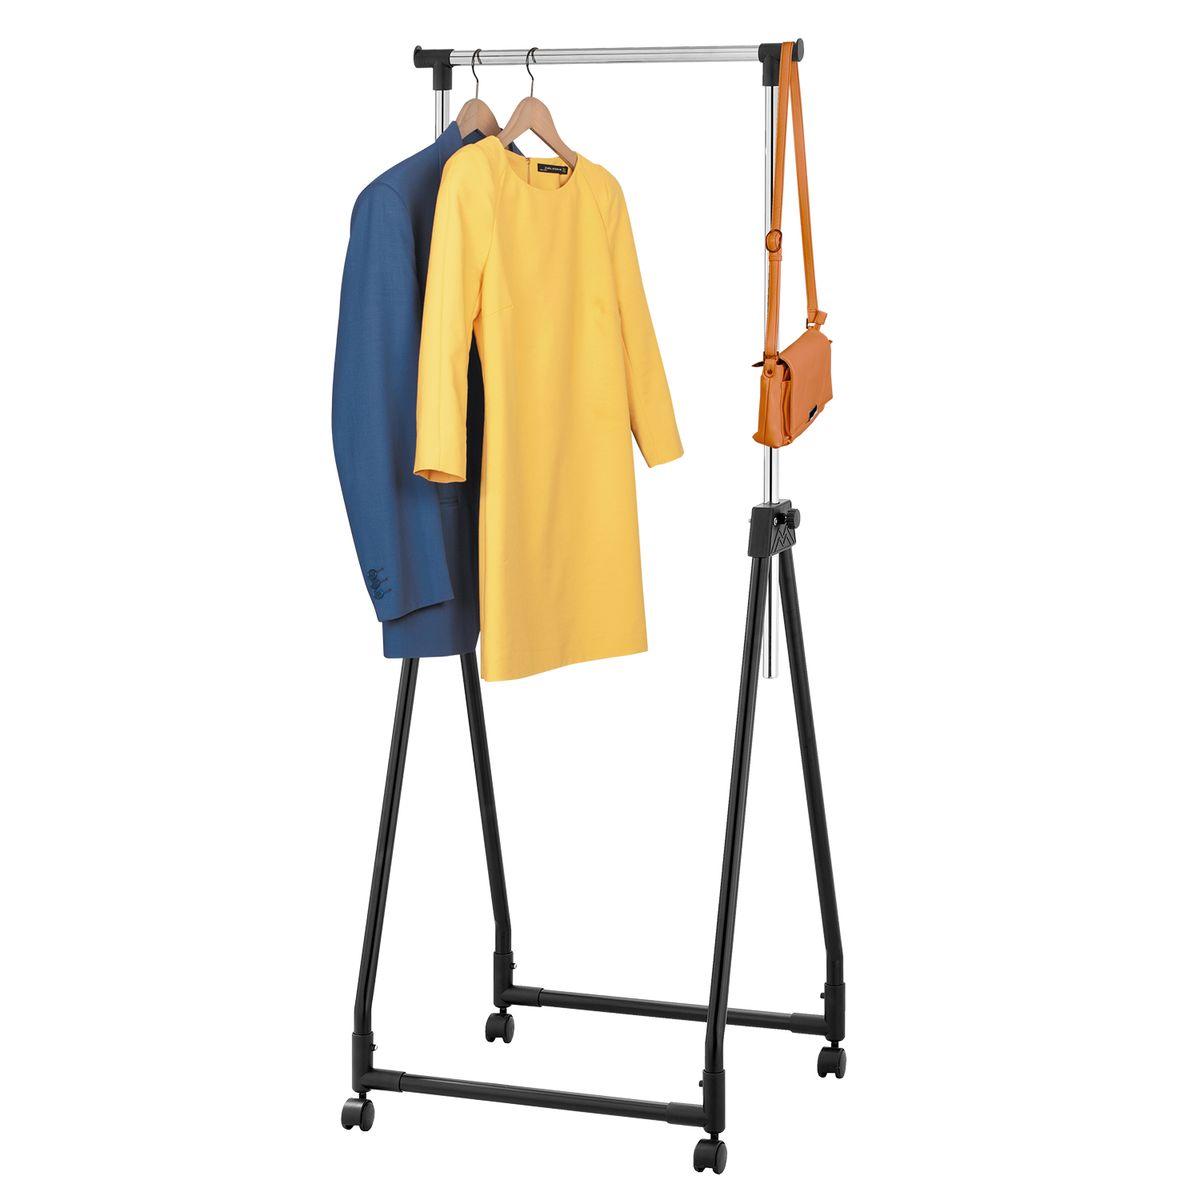 Стойка для одежды Tatkraft Swift, складная , цвет: черный13360Складная стойка для одежды Tatkraft Swift выполнена из хромированной и окрашенной стали. Имеет надежные зажимы, боковые крючки. Вмещает до 15 вешалок, распределенный вес по длине штанги - 15 кг. Сложенная стойка легко размещается: в шкафу, за дверью, в багажнике.